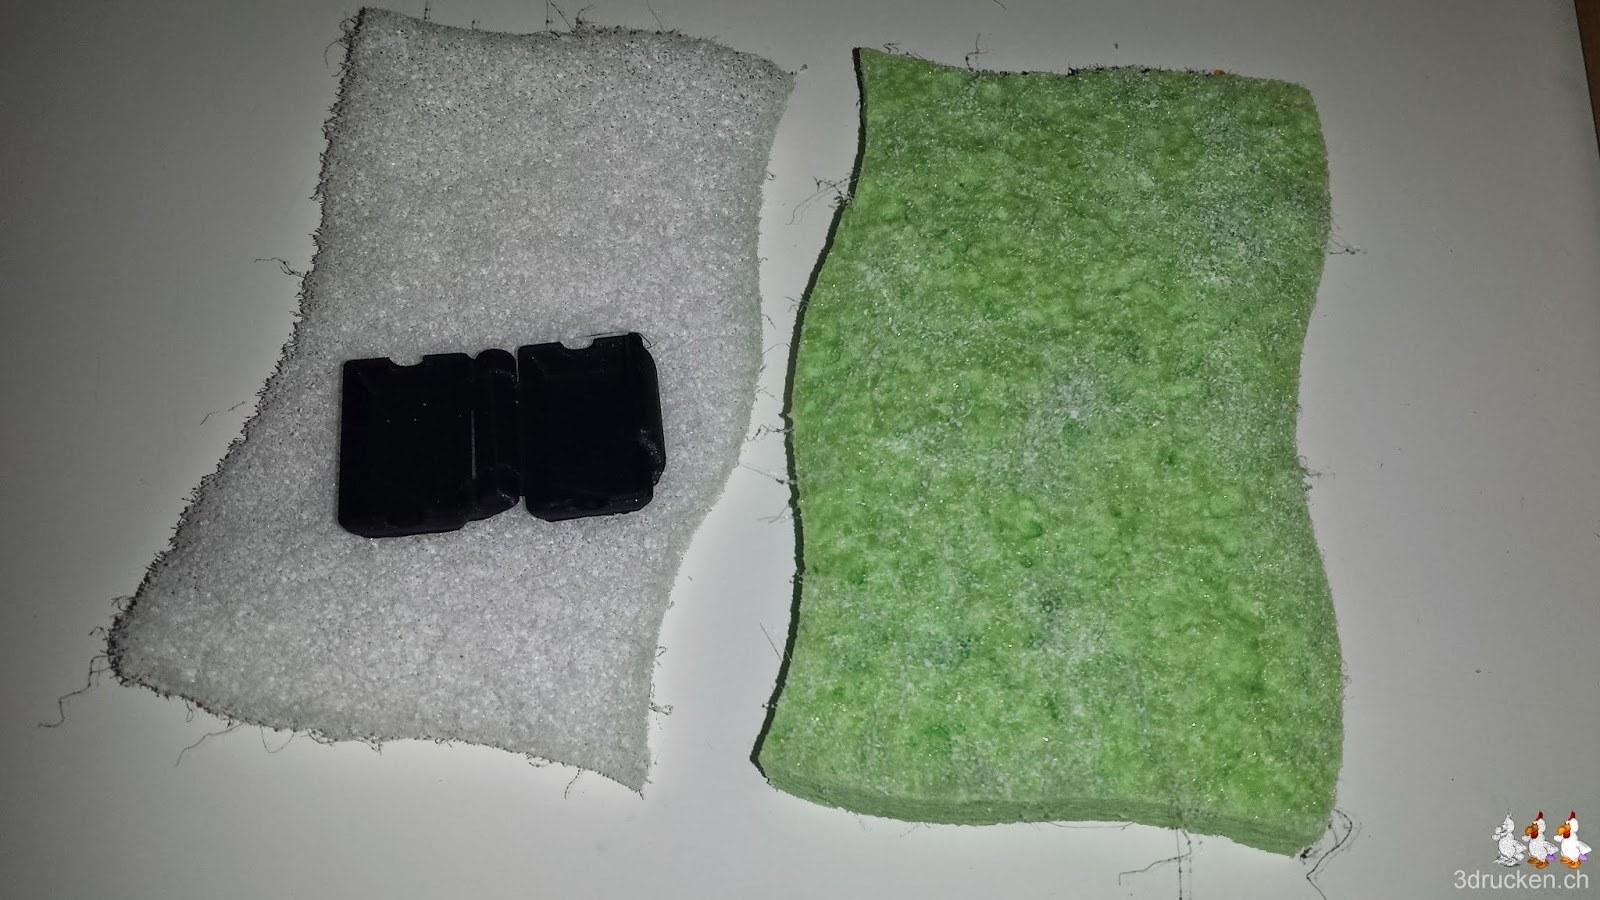 Foto des Staubfilter-Gehäuse auf einem Schwamm der als Filter dienen wird